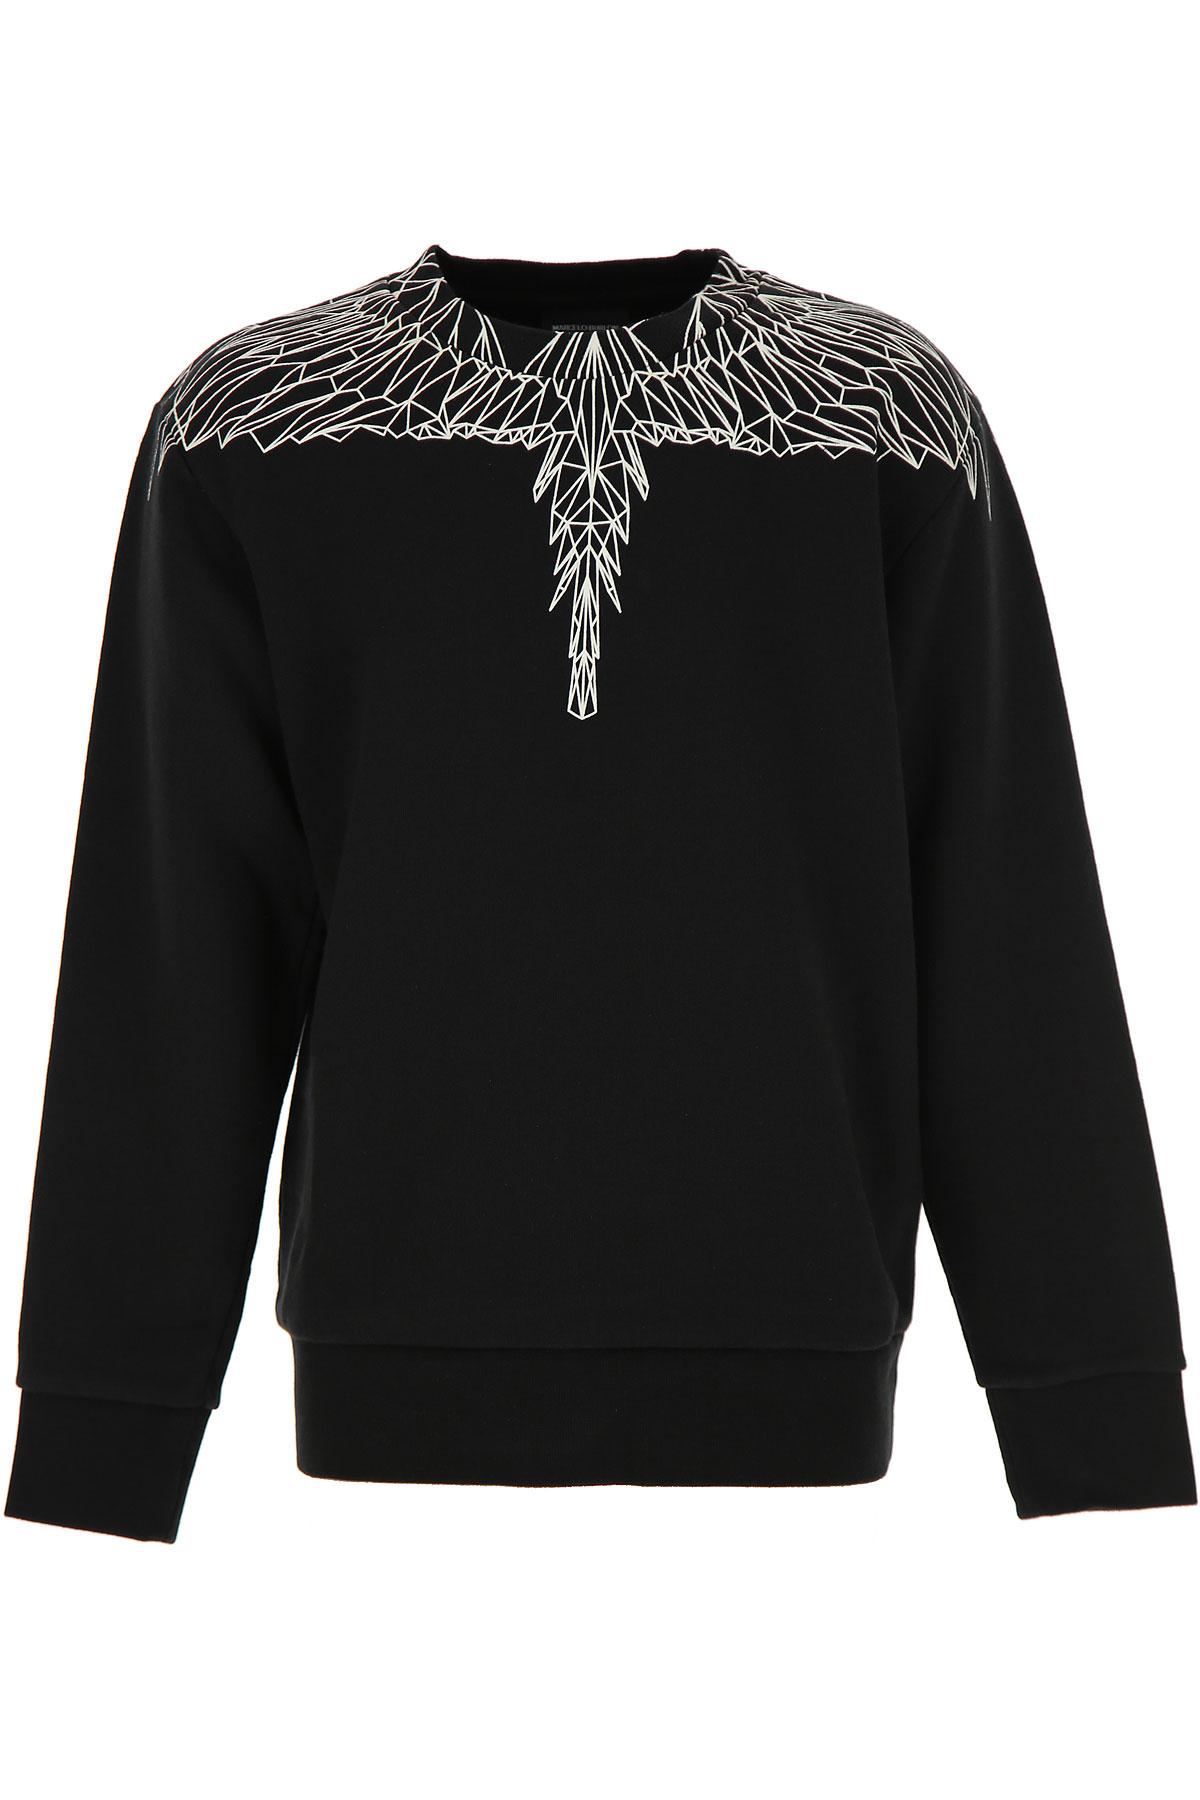 Marcelo Burlon Kids Sweatshirts & Hoodies for Boys On Sale, Black, Cotton, 2019, 10Y 12Y 14Y 6Y 8Y